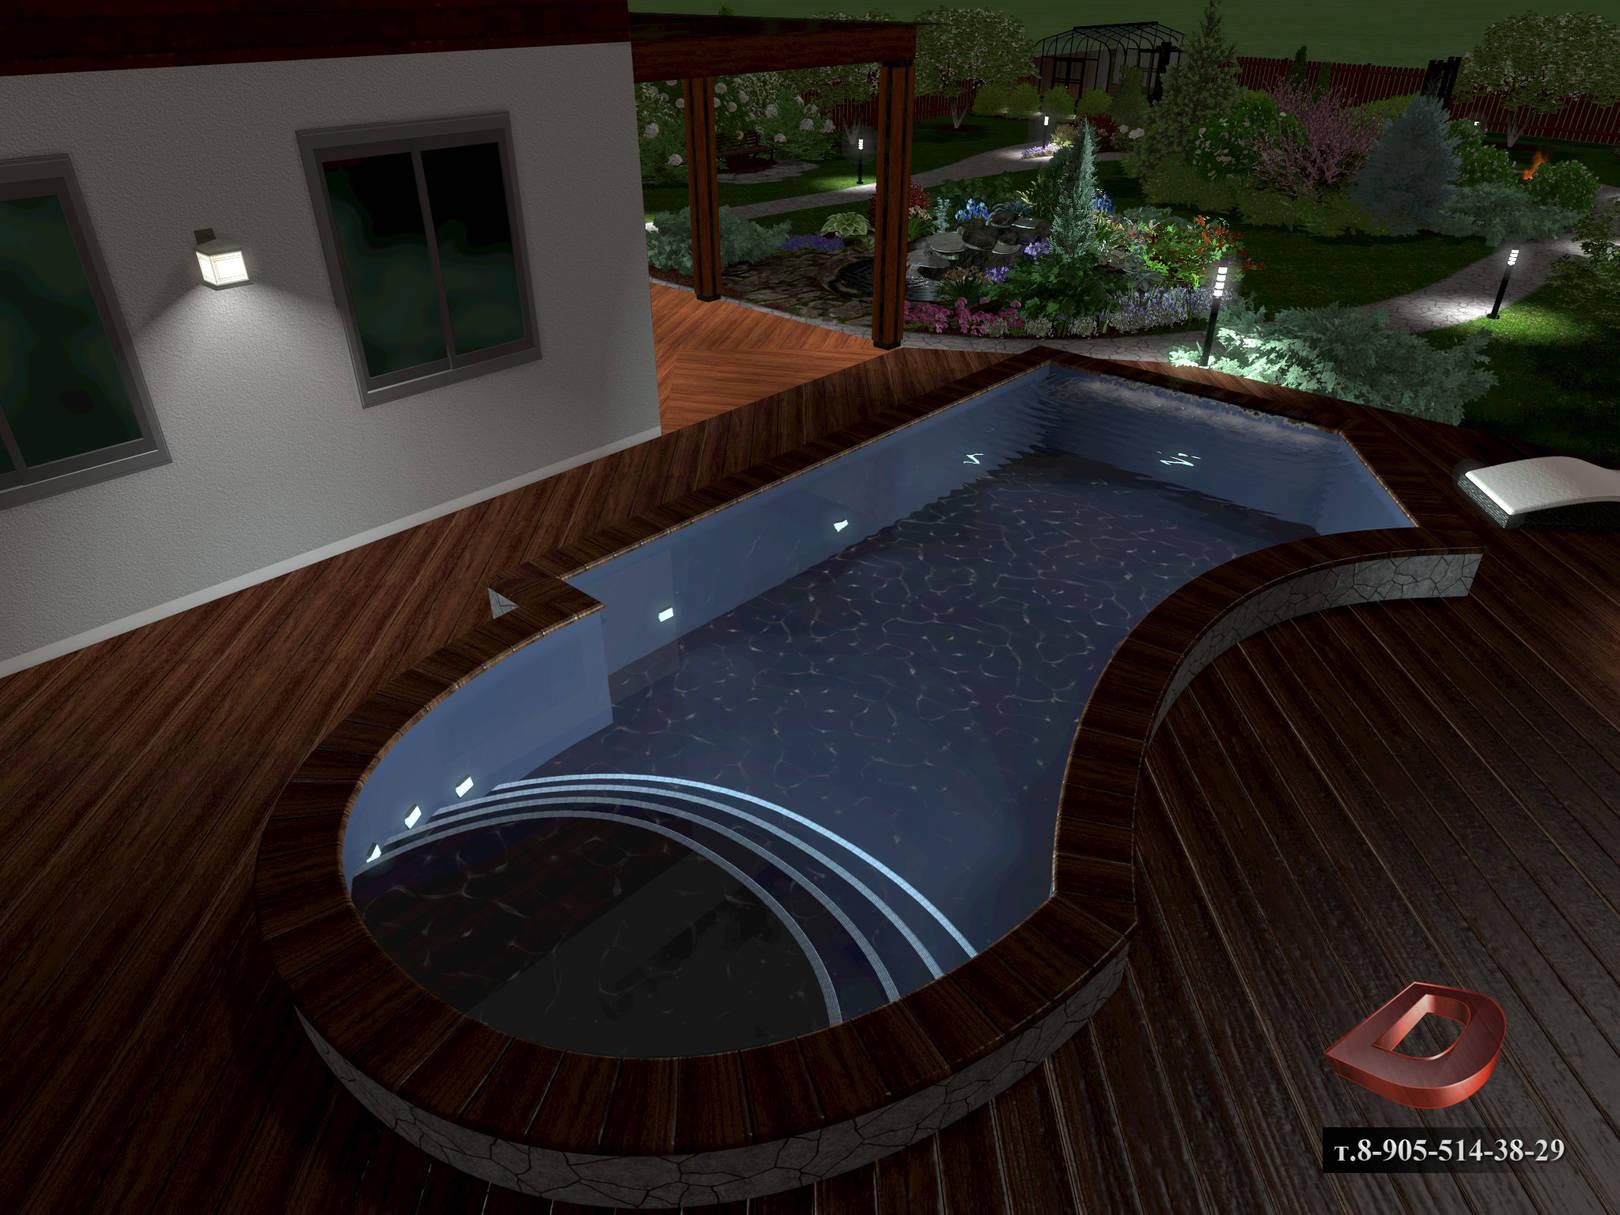 Ландшафтный дизайн дачного участка 14 соток, вид на бассейн в ночное время . Освещение участка